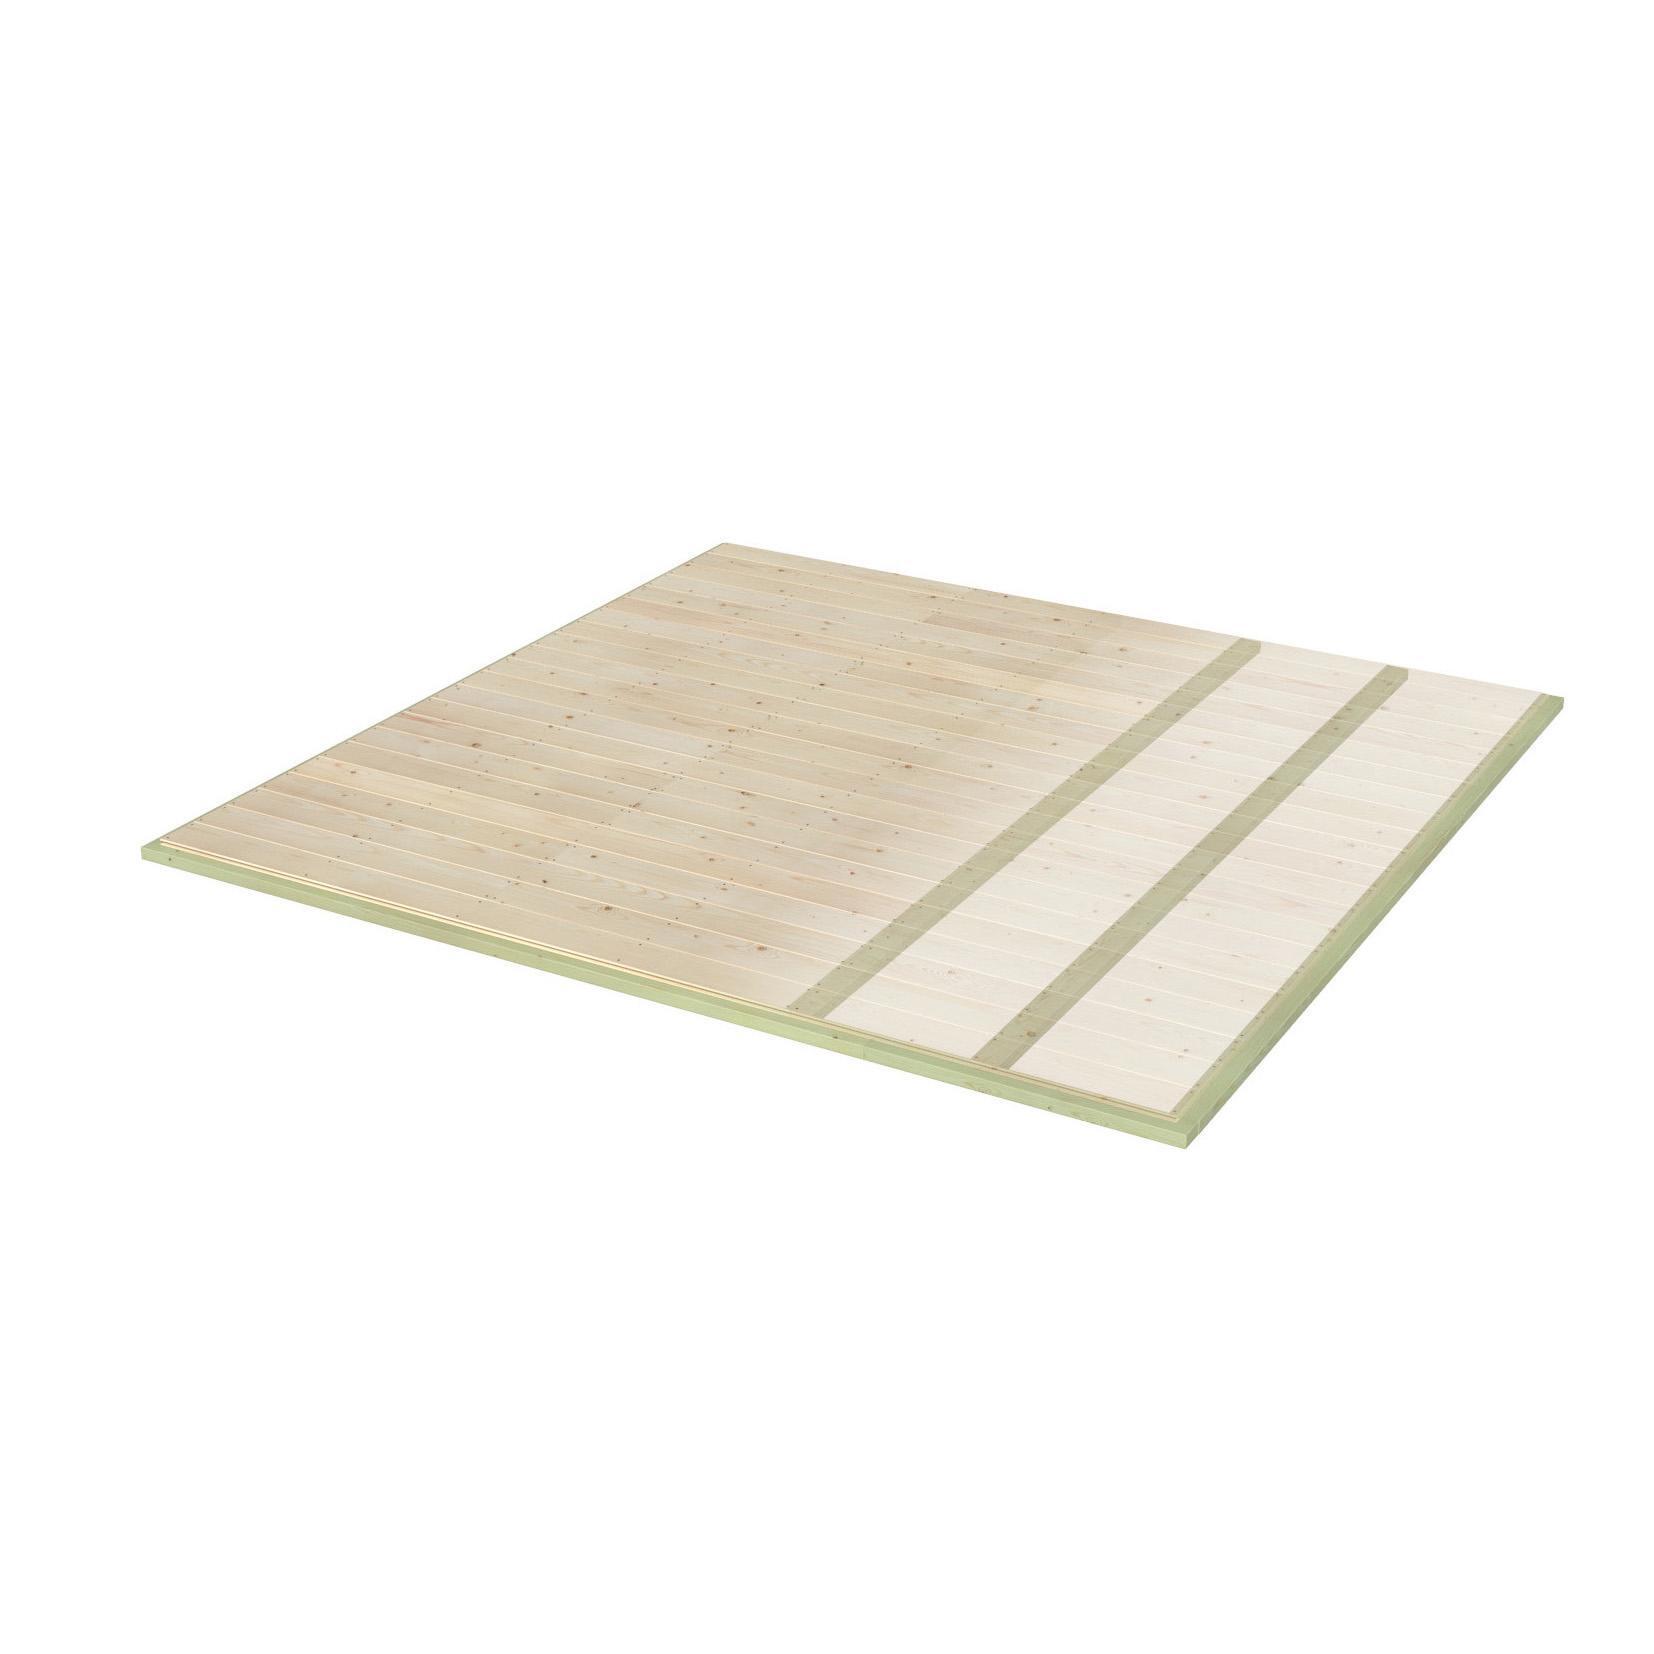 Pavimento per casetta da giardino Primula DECOR ET JARDIN 242.8 x 270 x 45 cm - 4